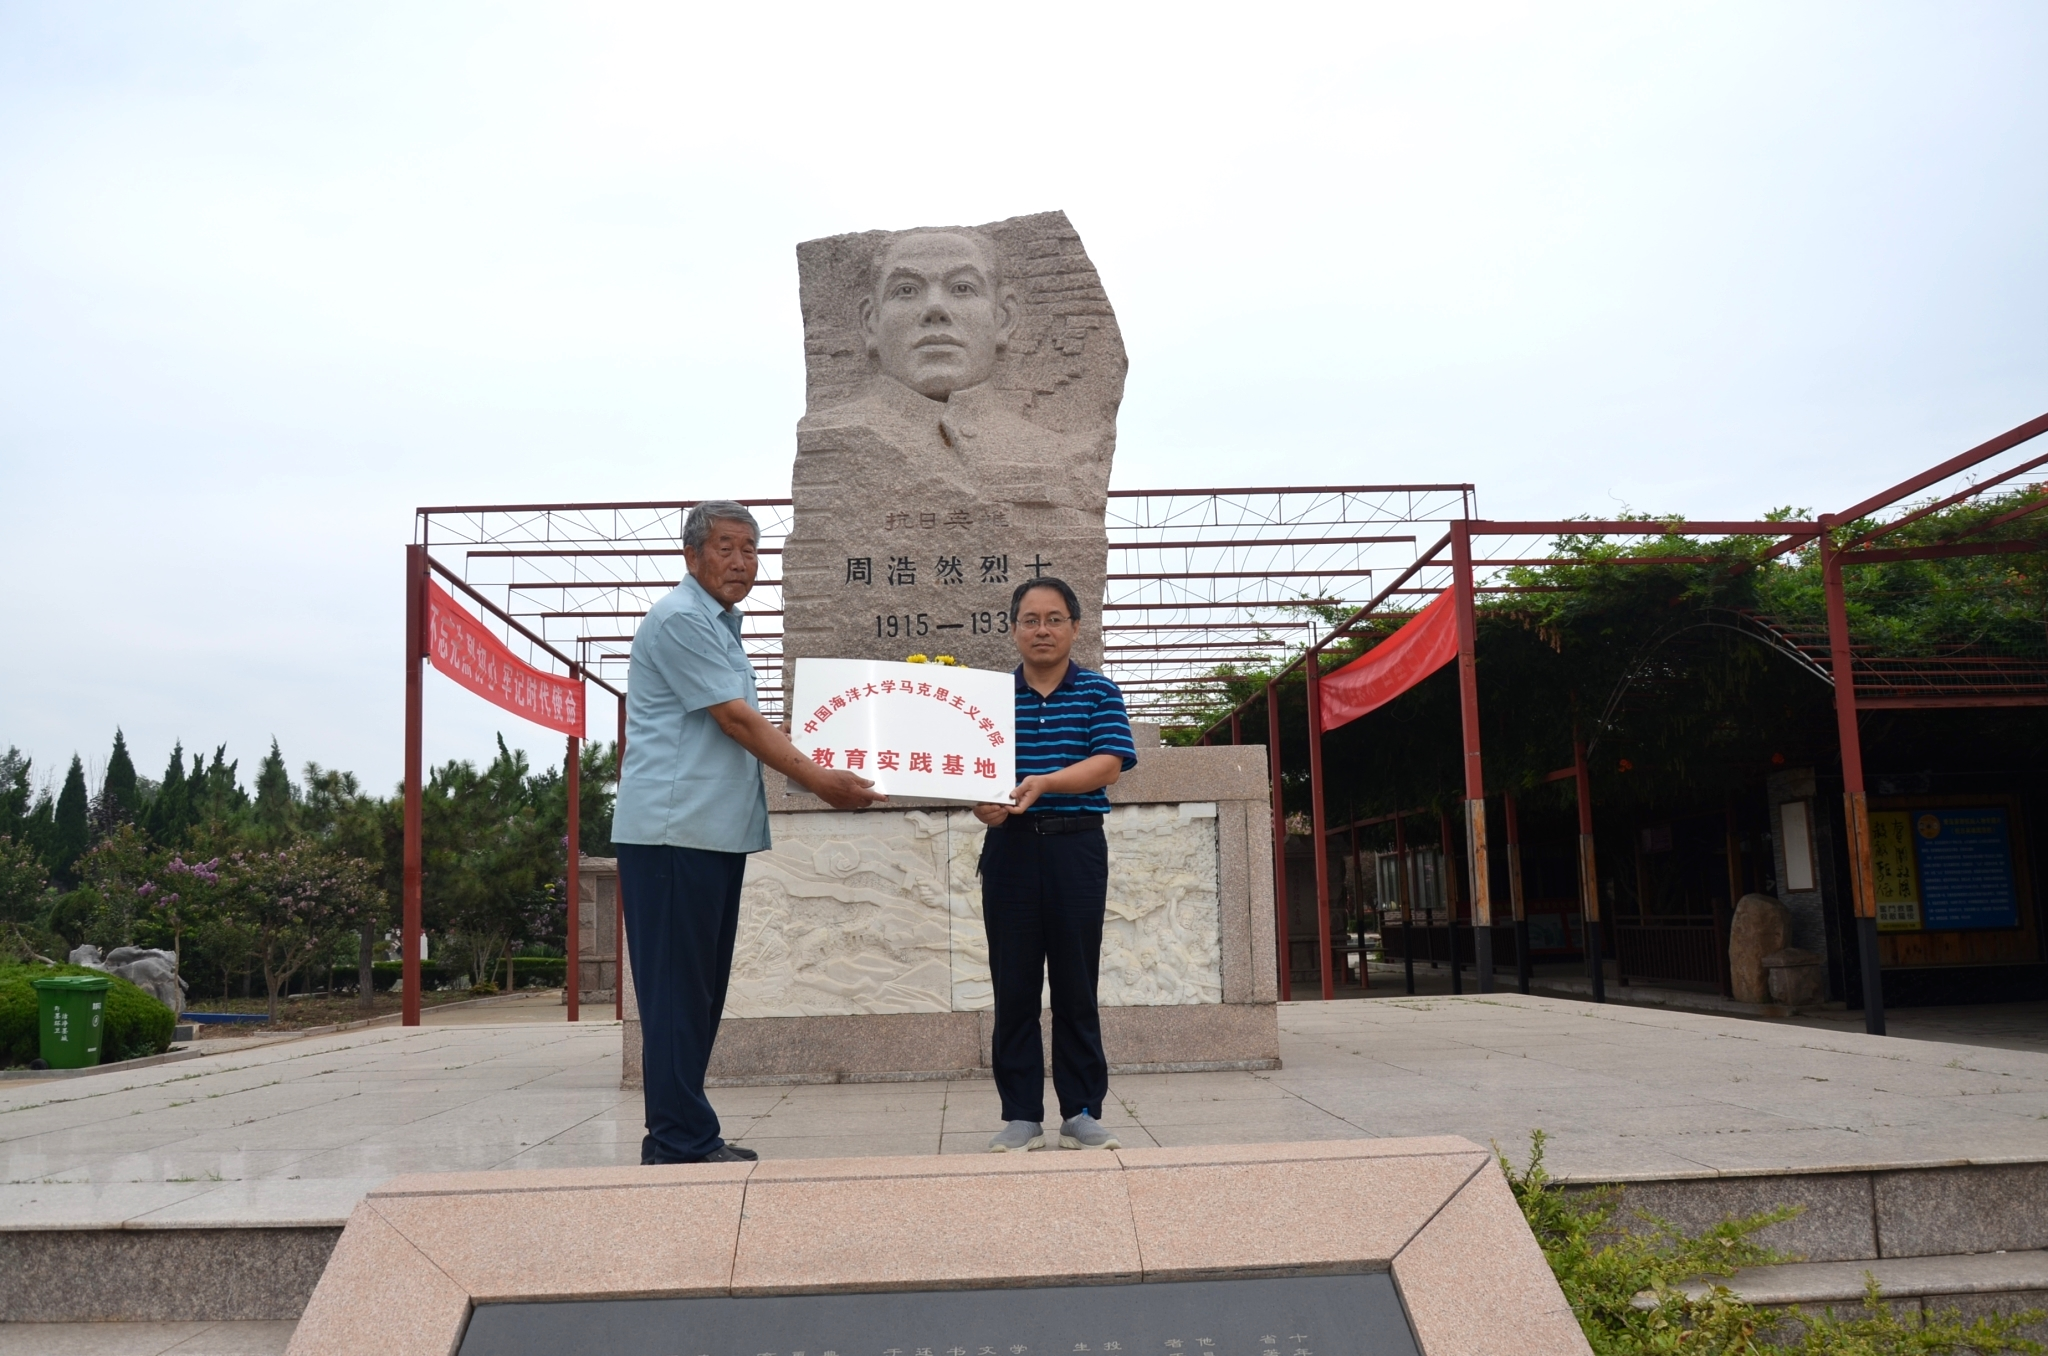 周浩然文化园成为中国海洋大学马克思主义学院